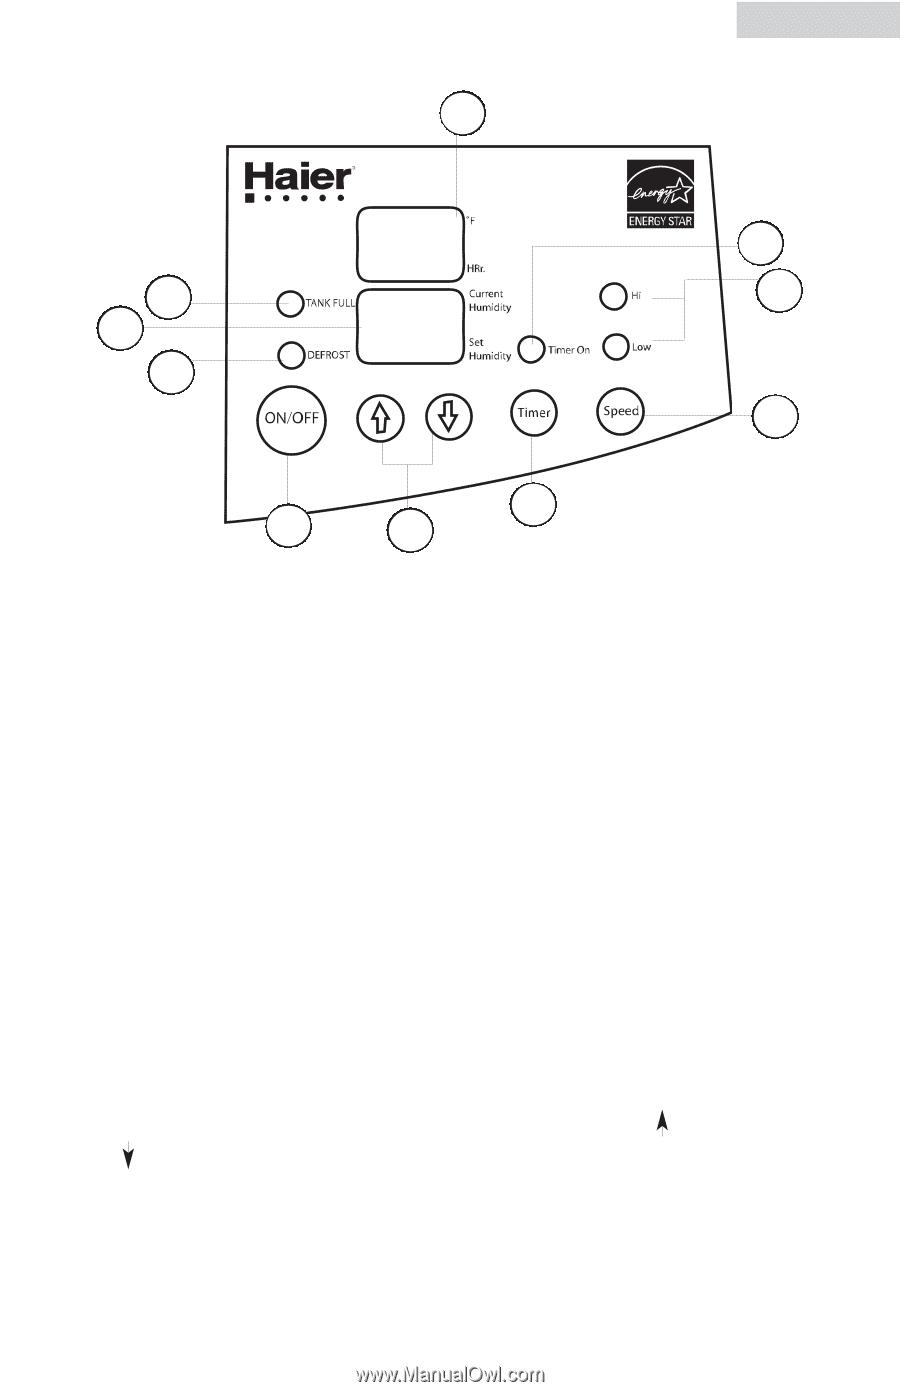 Haier hdn655e 65-pint capacity electronic control dehumidifier.